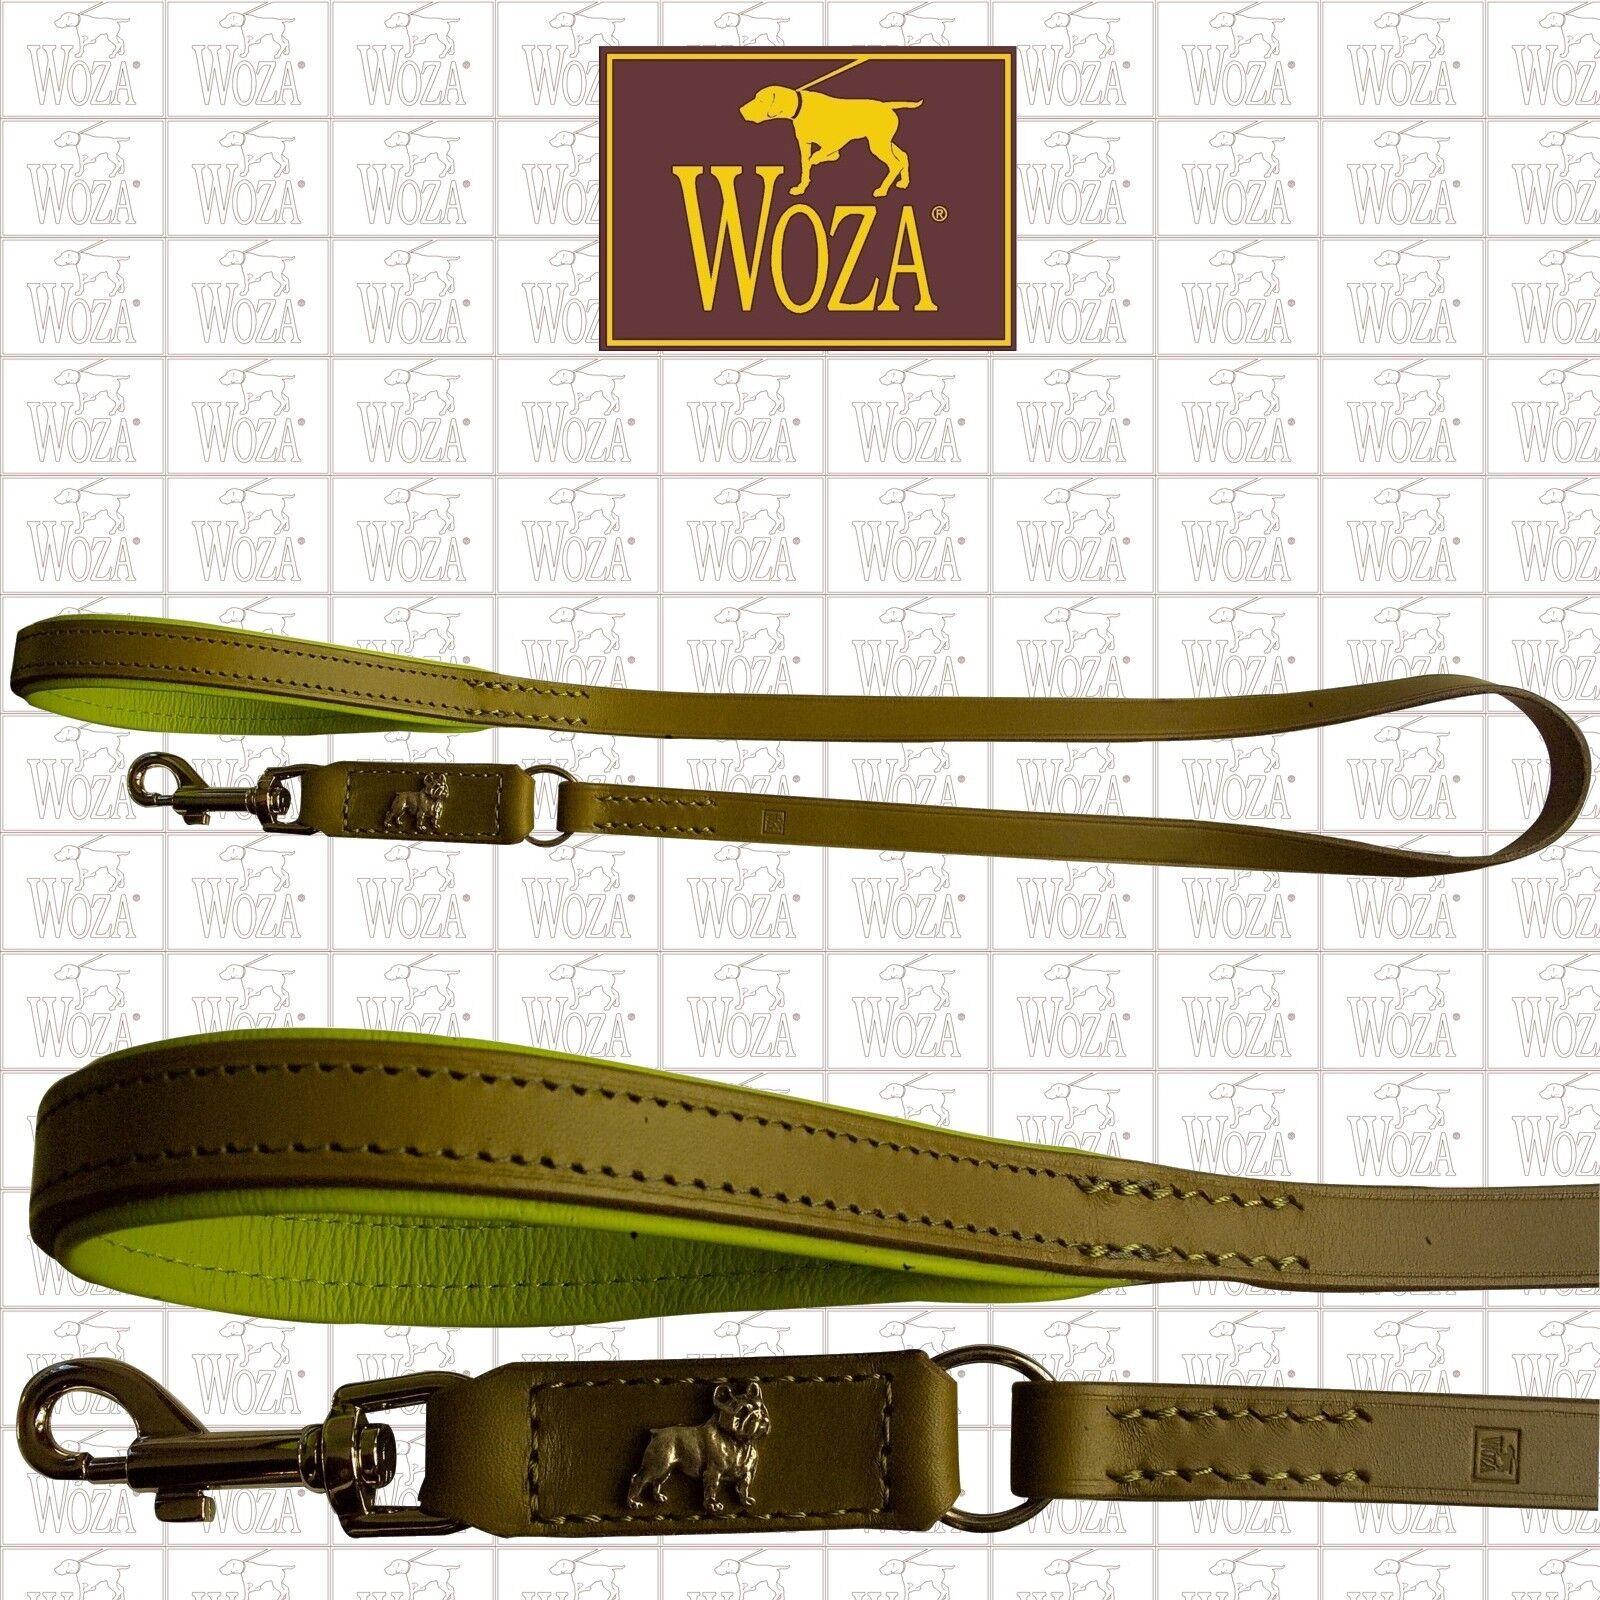 WOZA Premium Hundeleine Französische Bulldogge Vollleder Rindnappa Leash LO1960  | Jeder beschriebene Artikel ist verfügbar